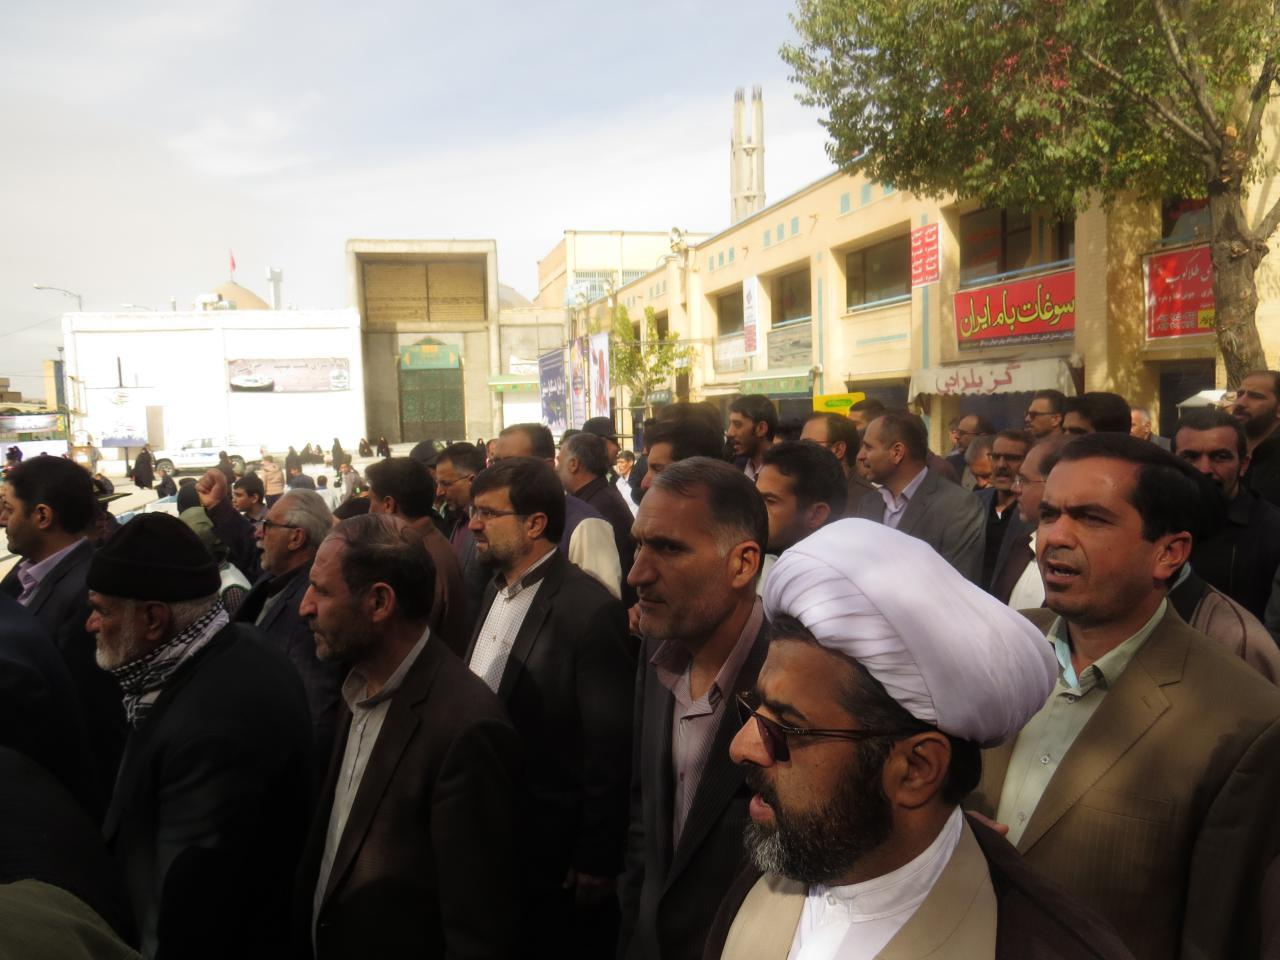 حضور پرسنل و کارکنان اداره کل امور عشایر استان در راهپیمایی ضد اسکتباری ۱۳ آبان